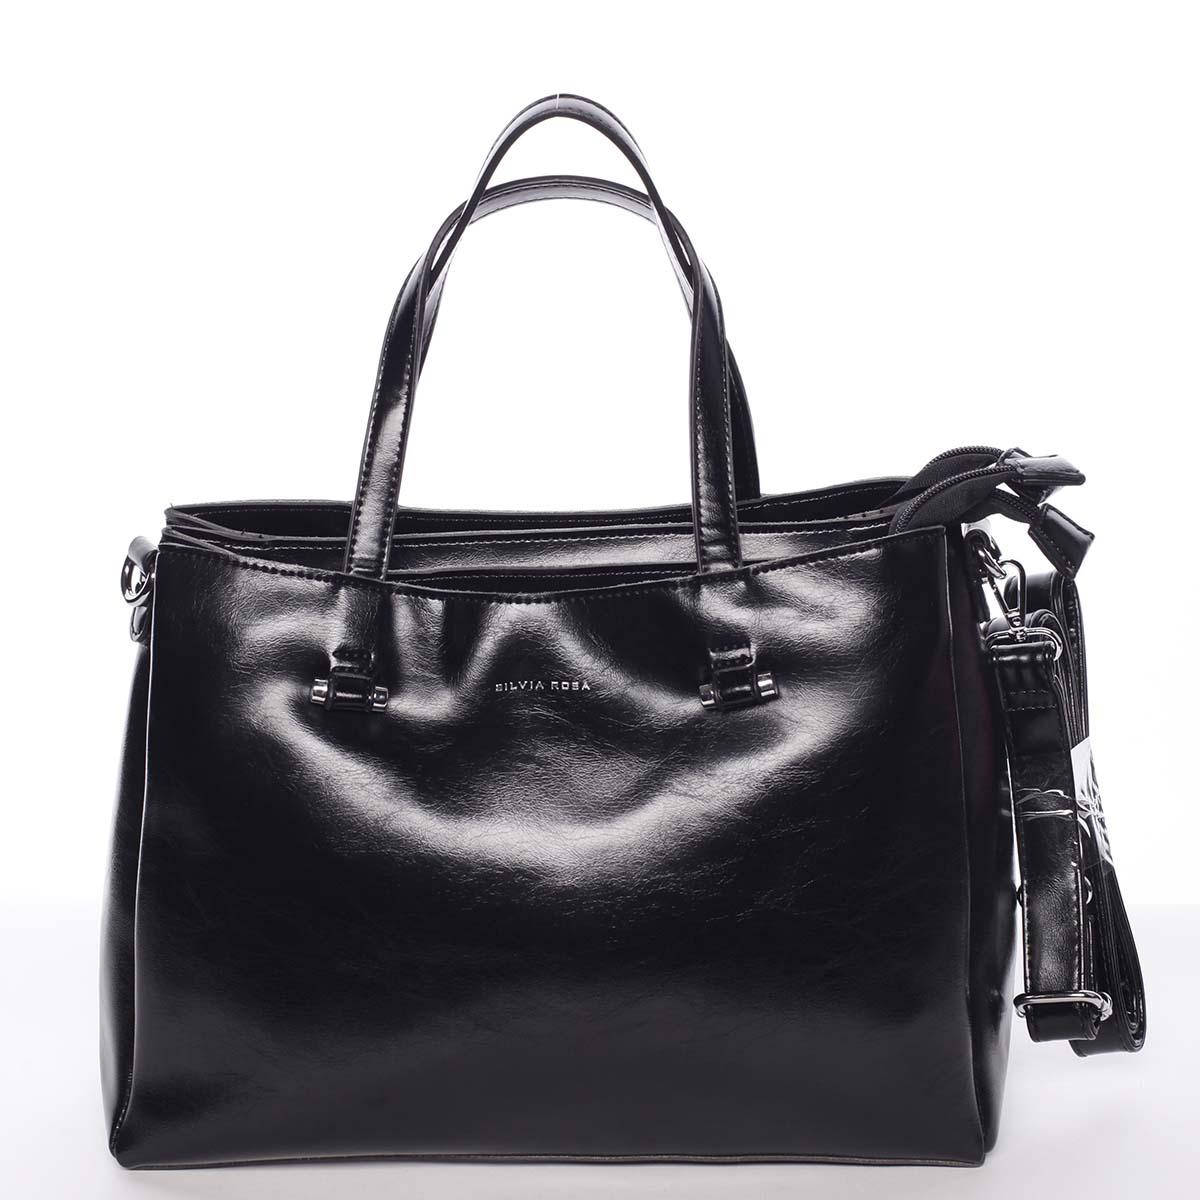 Černá elegantní kabelka - Silvia Rosa Saba černá